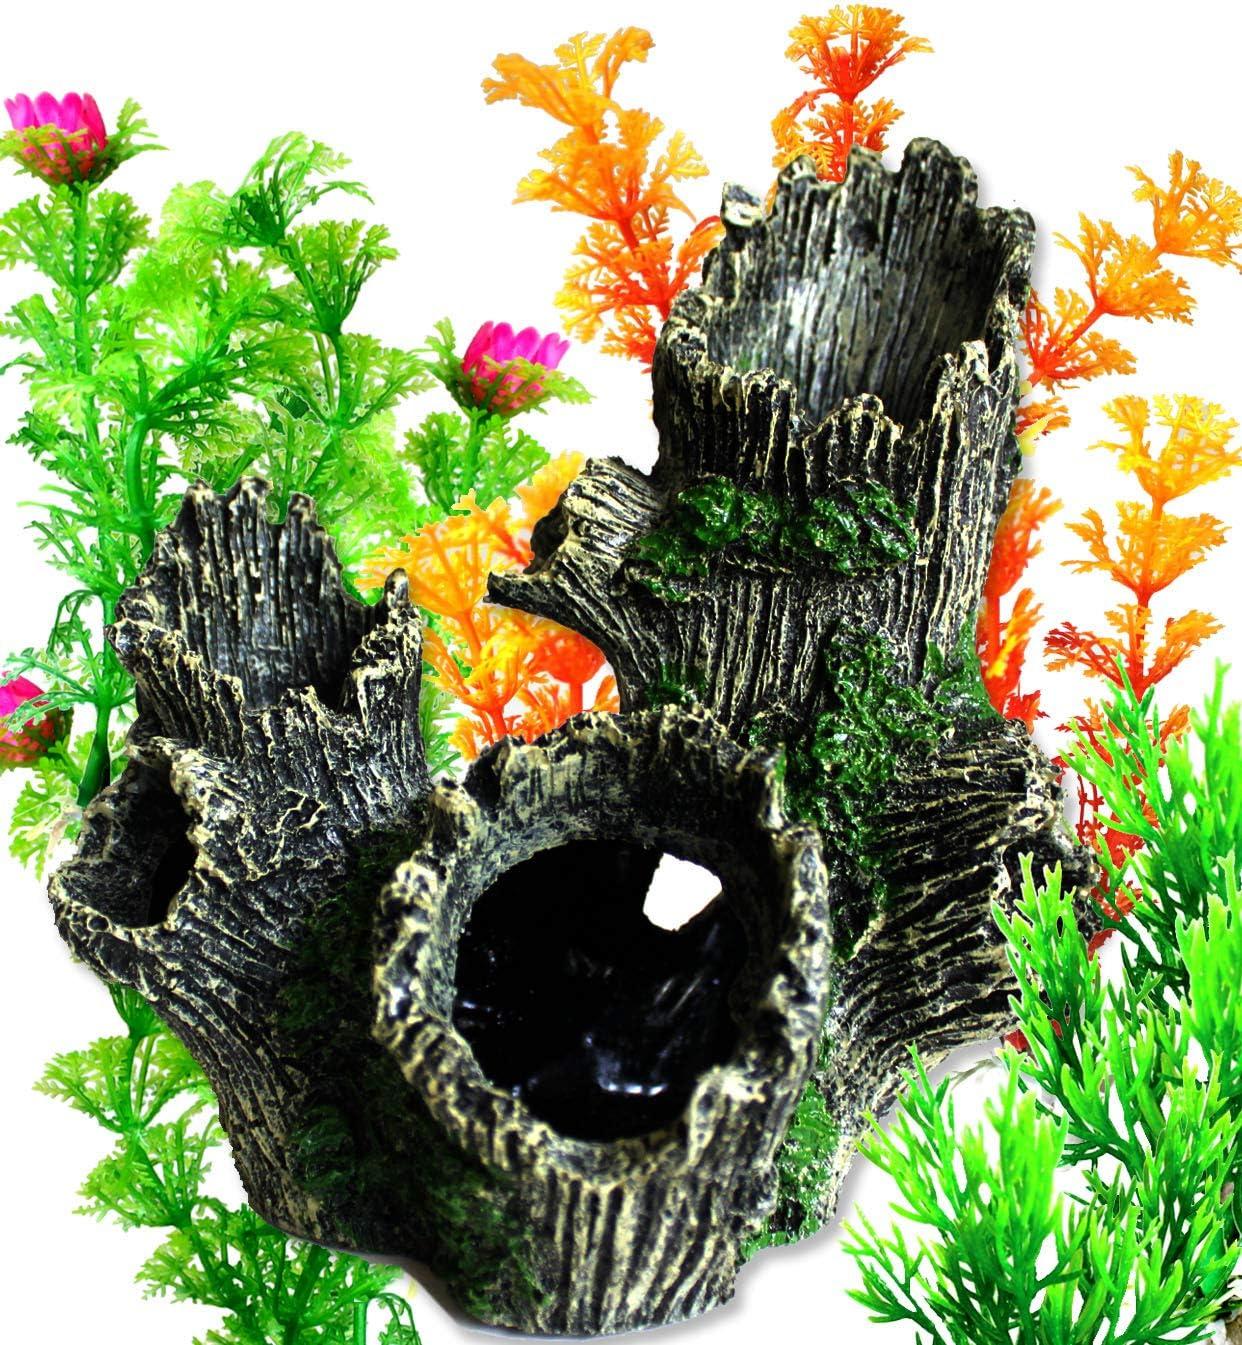 OrgMemory Aquarium Décor Ornaments, Fish Tank Decorations, Trunk with Aquariums Plants, Home Aquarium Ornament